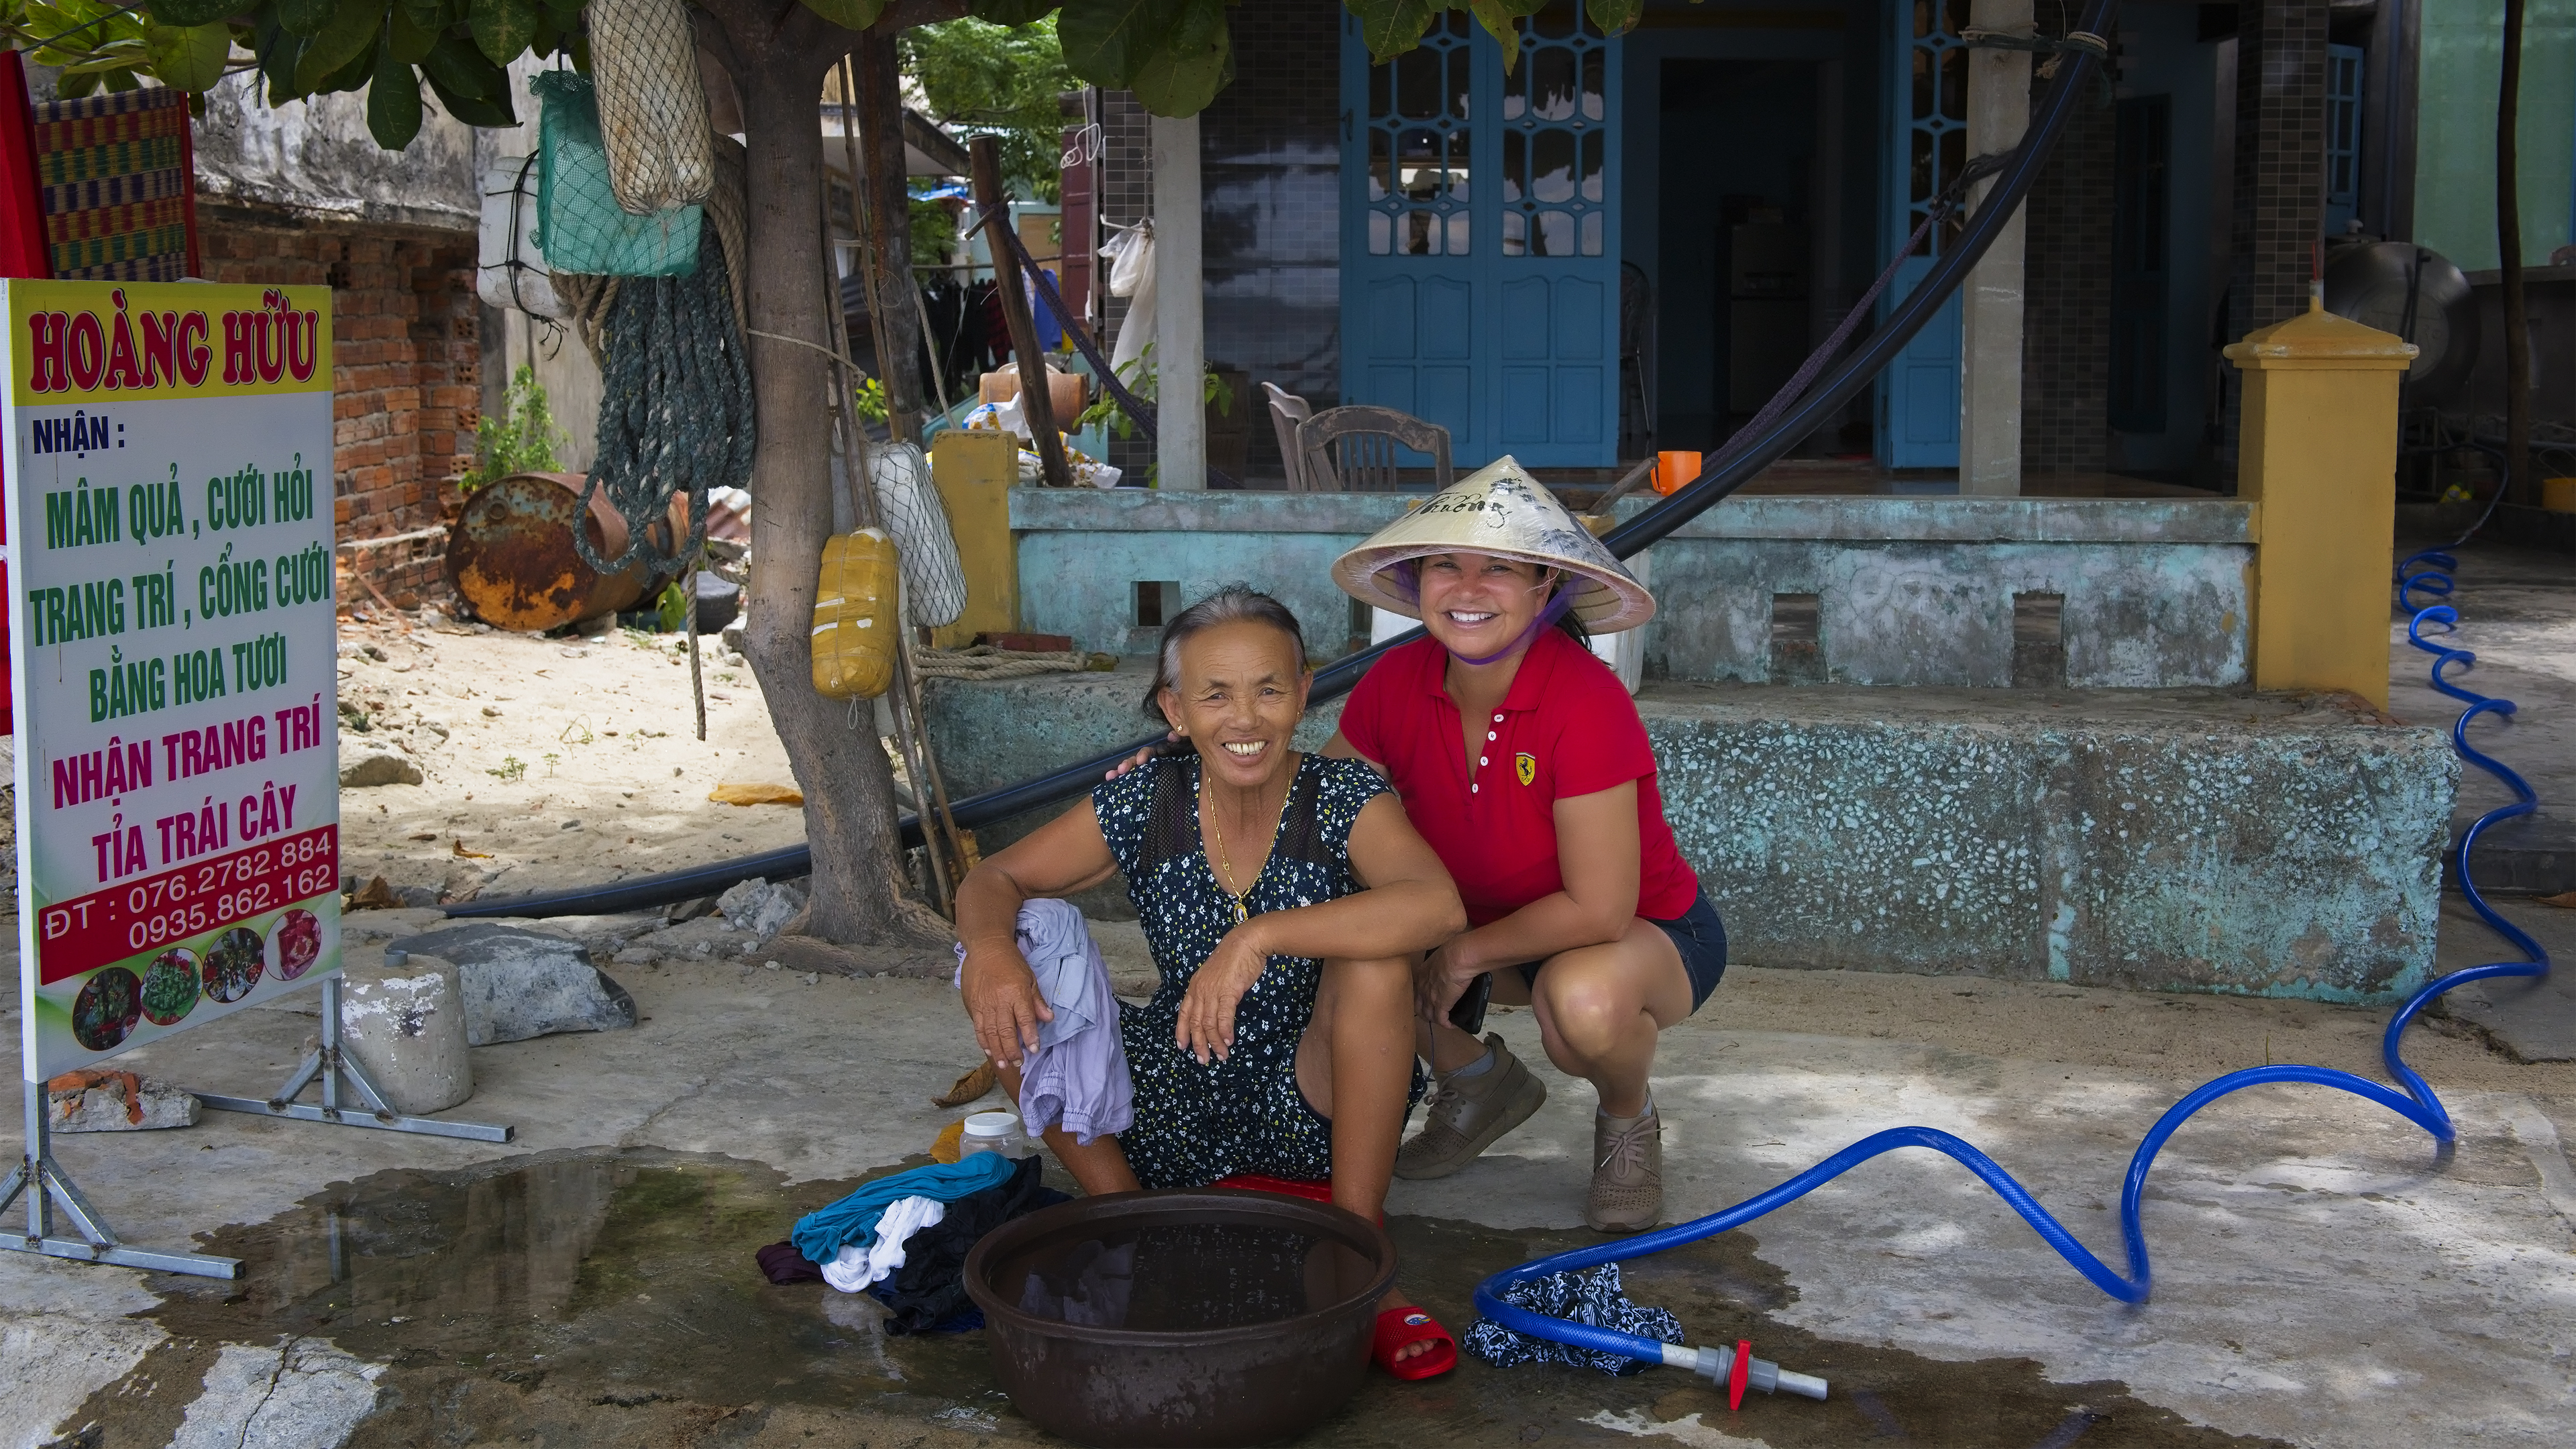 Dirce's Friend on Chàm Islands